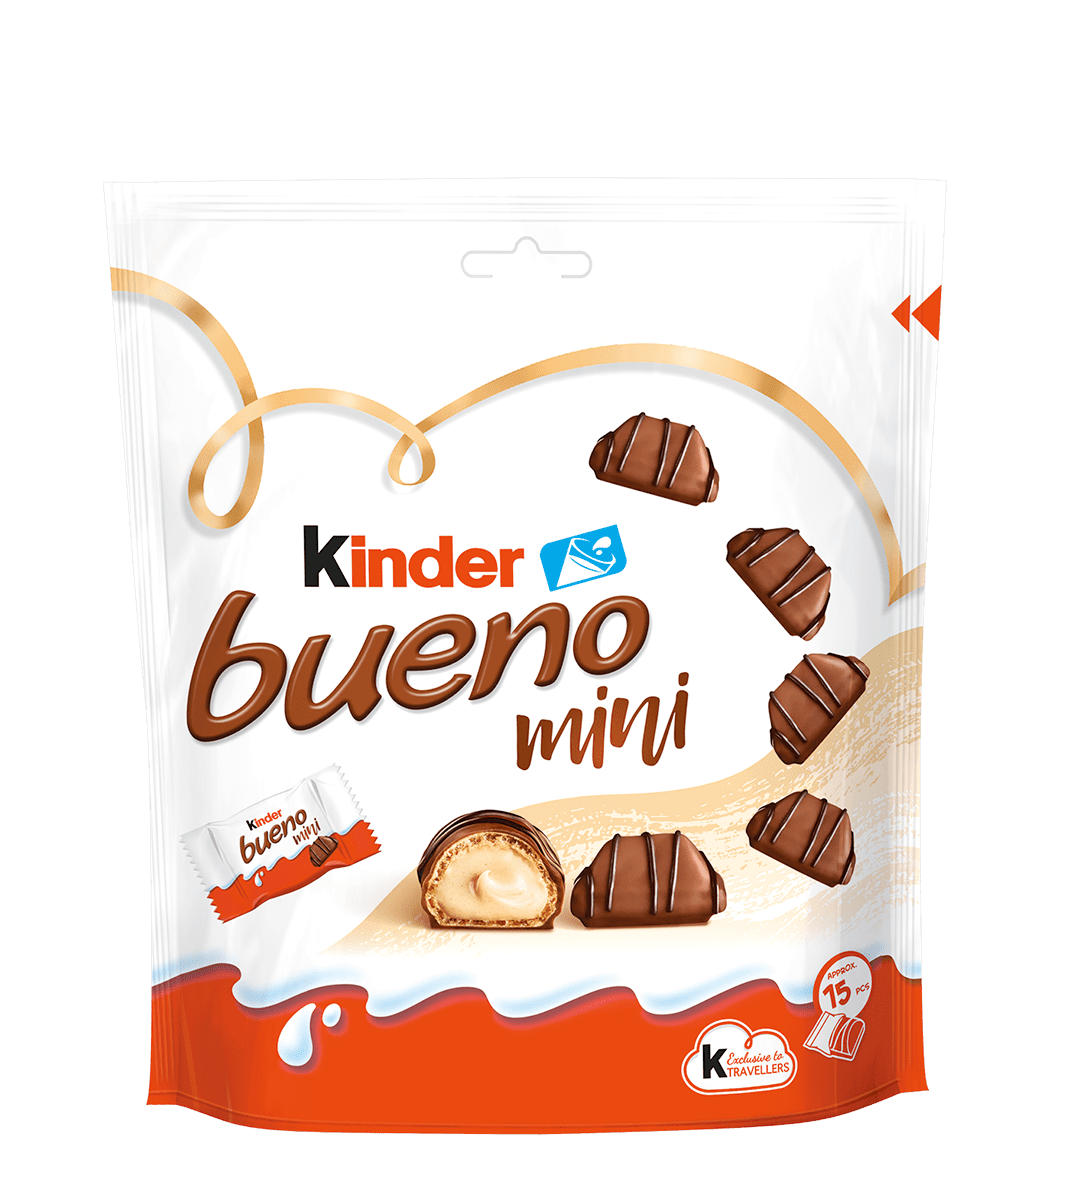 Kinder Mini Bueno 86g